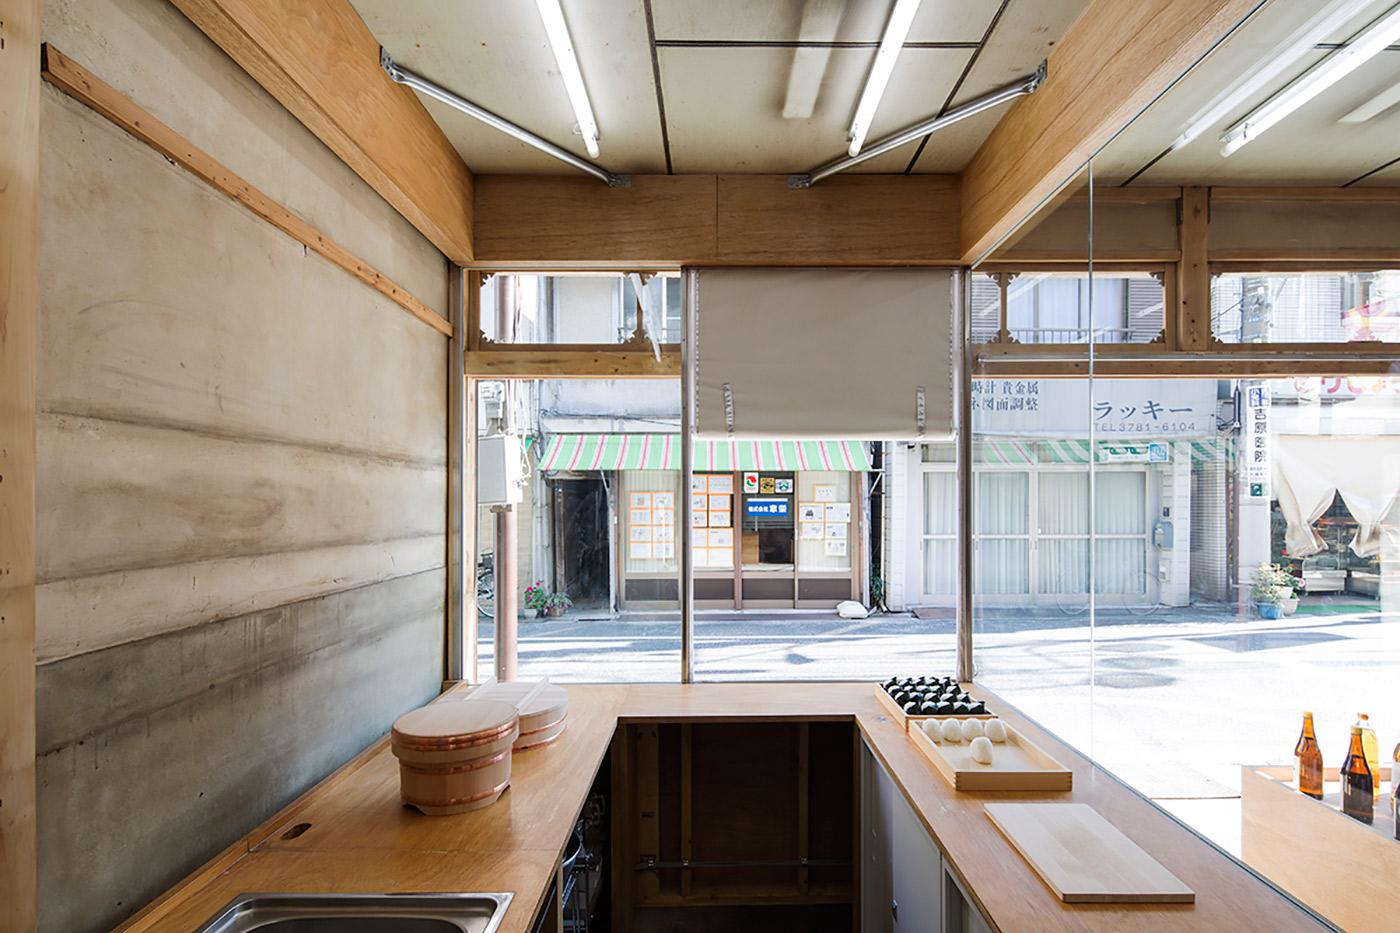 Okomeya: A Small Rice Shop in Tokyo